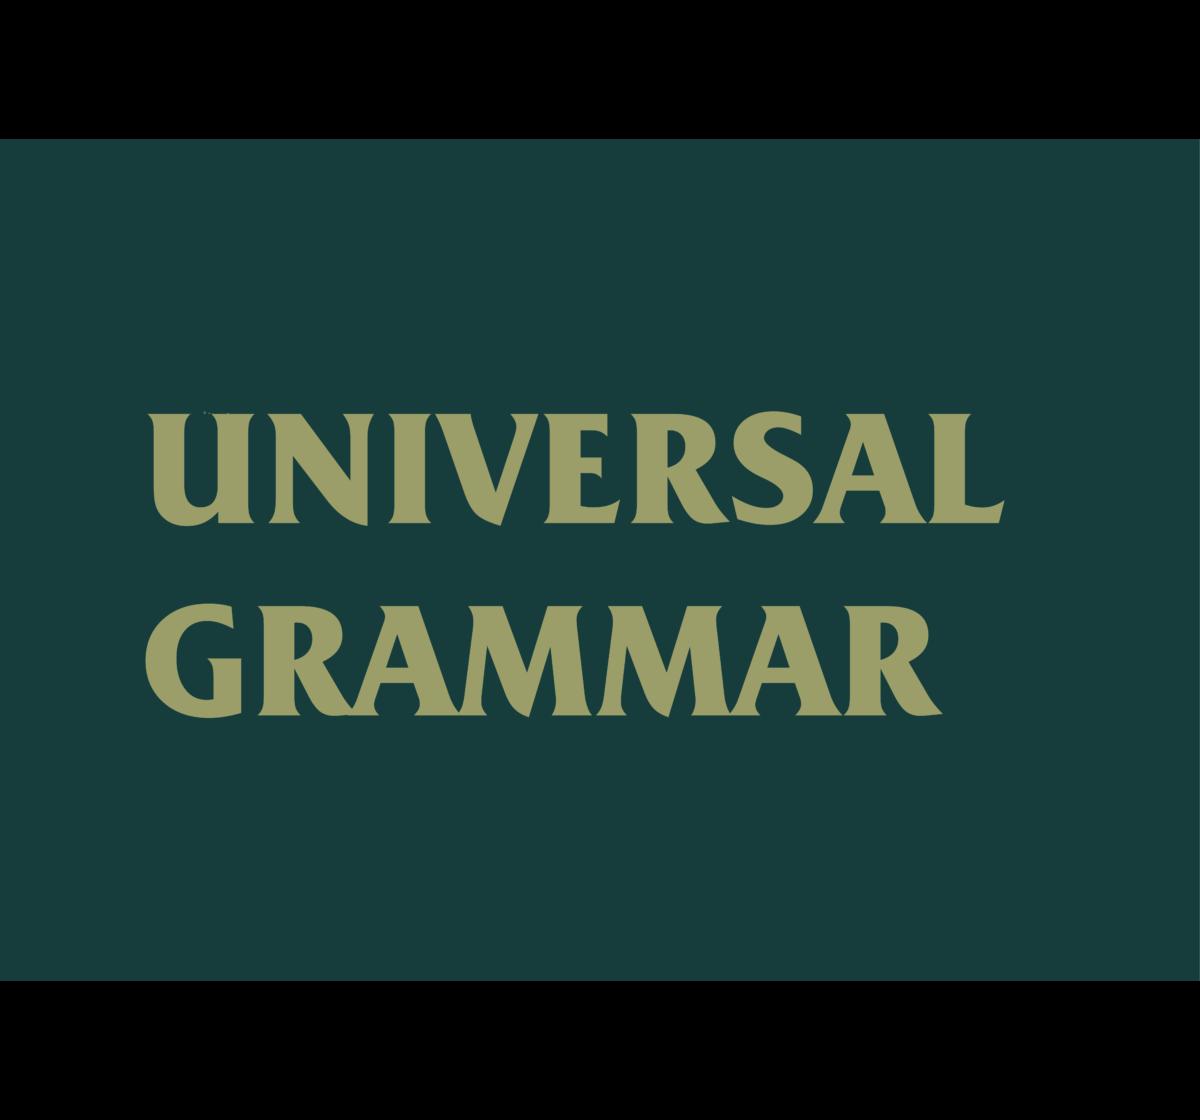 What is Universal Grammar?